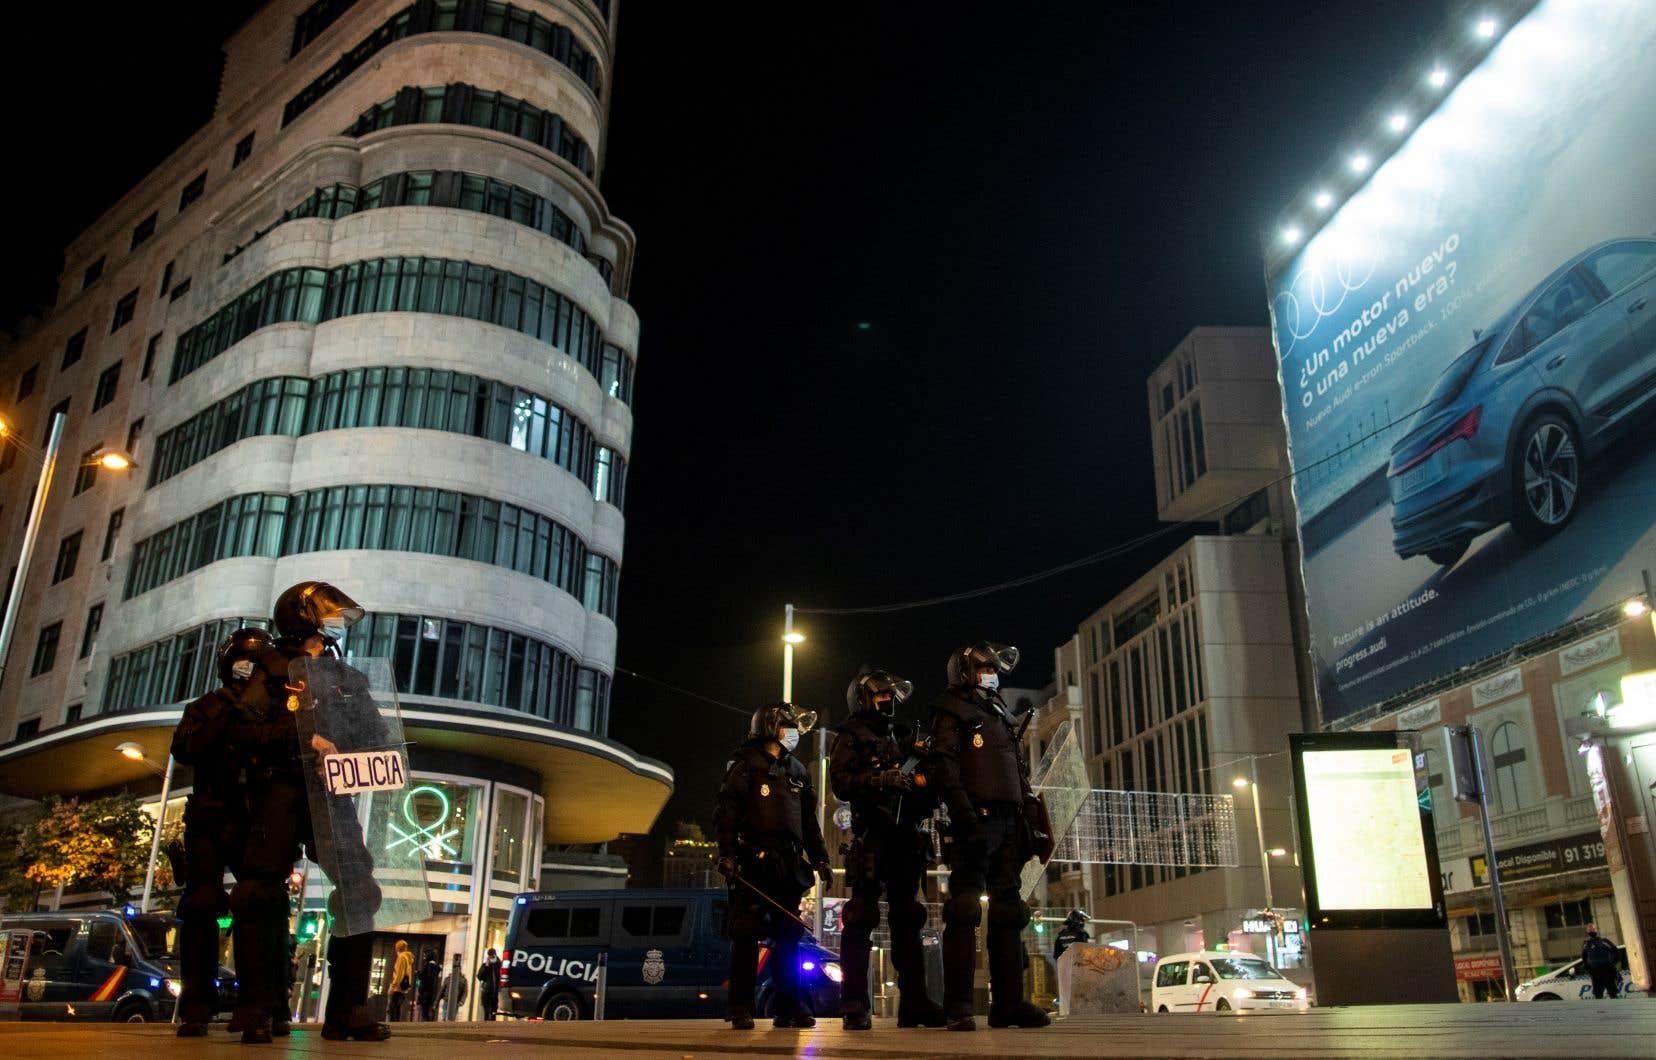 Des policiers anti-émeute à Madrid, en Espagne, où les manifestations contre les restrictions se multiplient.